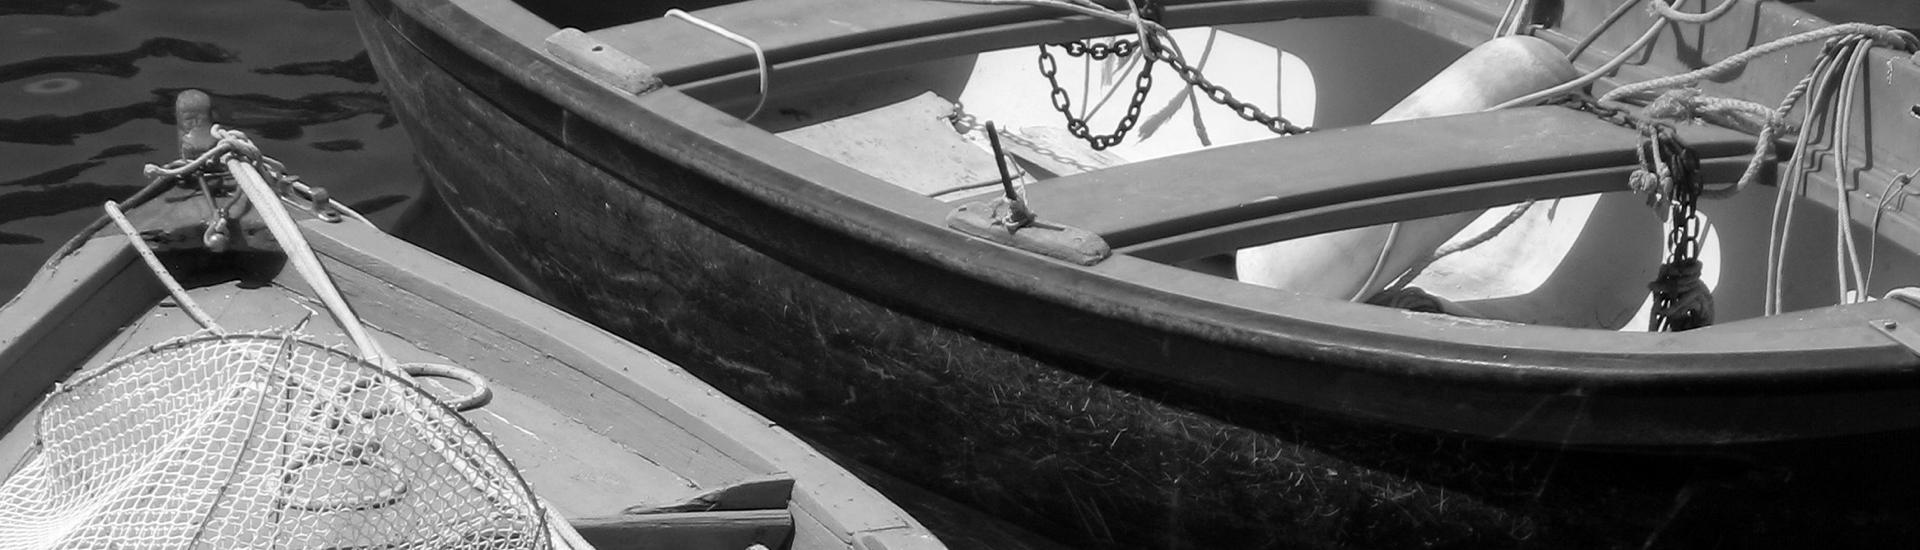 fishermanboat1